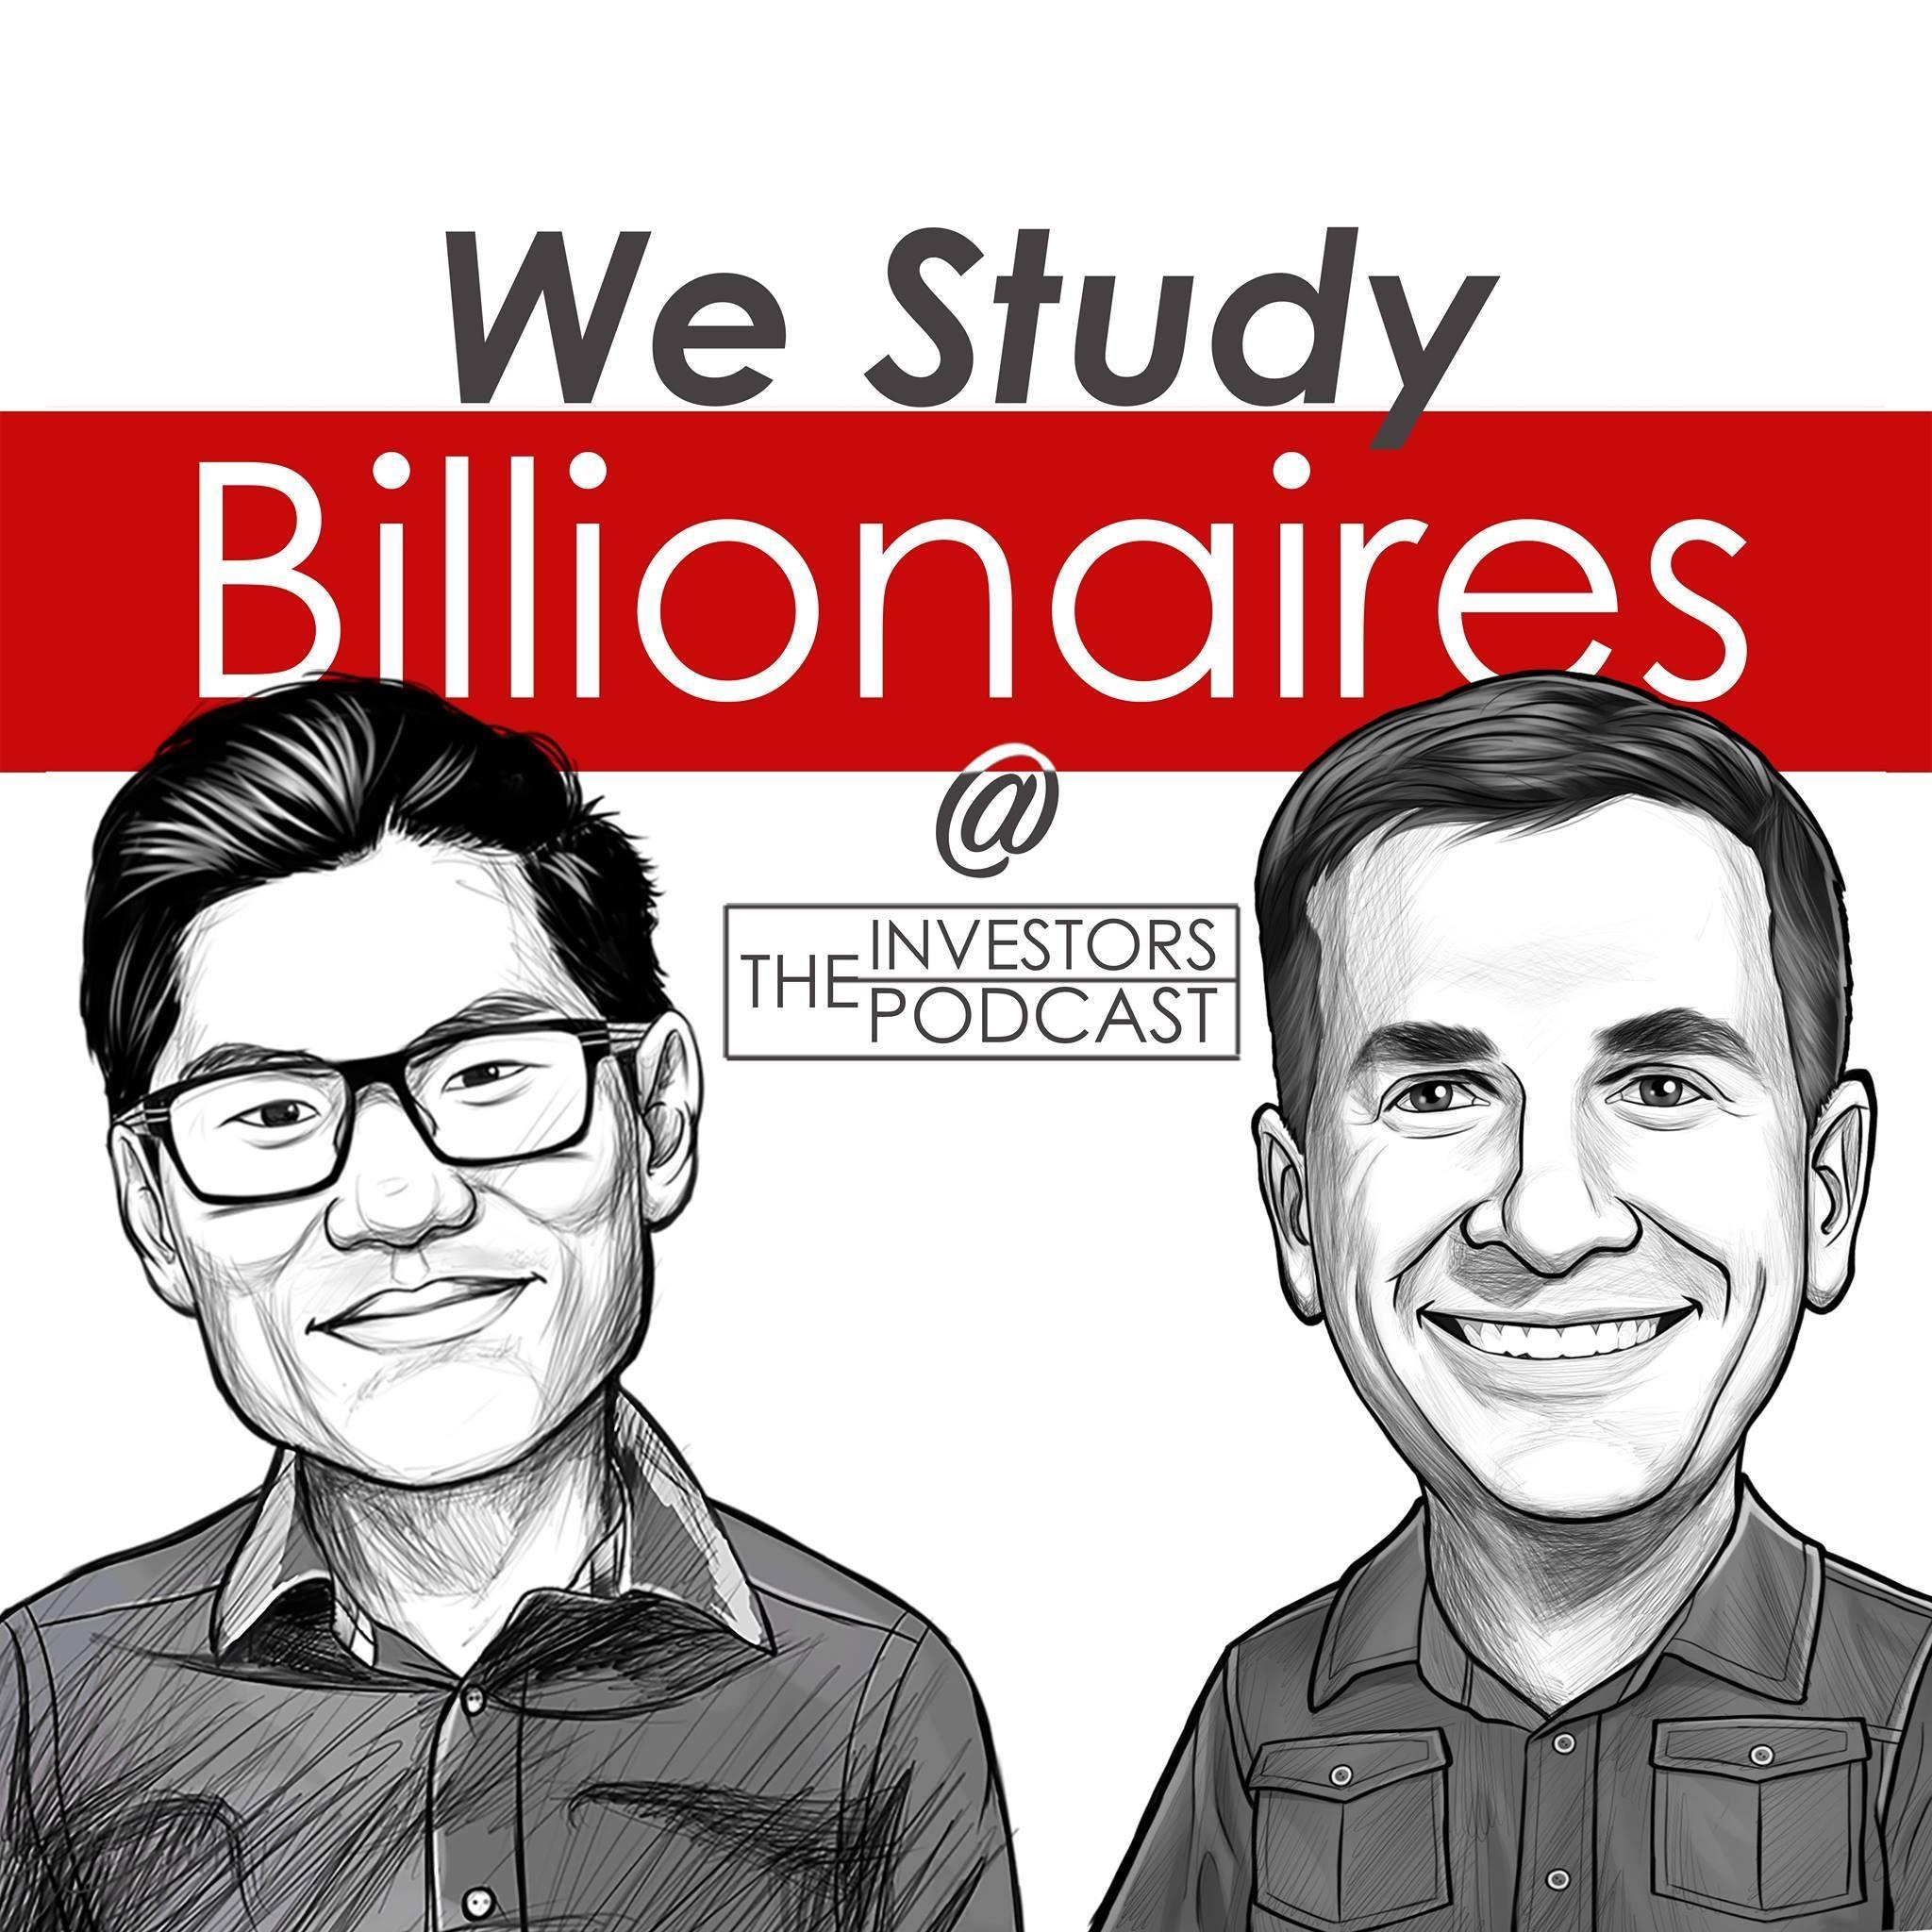 we-study-billionaires-podcast-inspiration-entrepreneurs-business.jpg